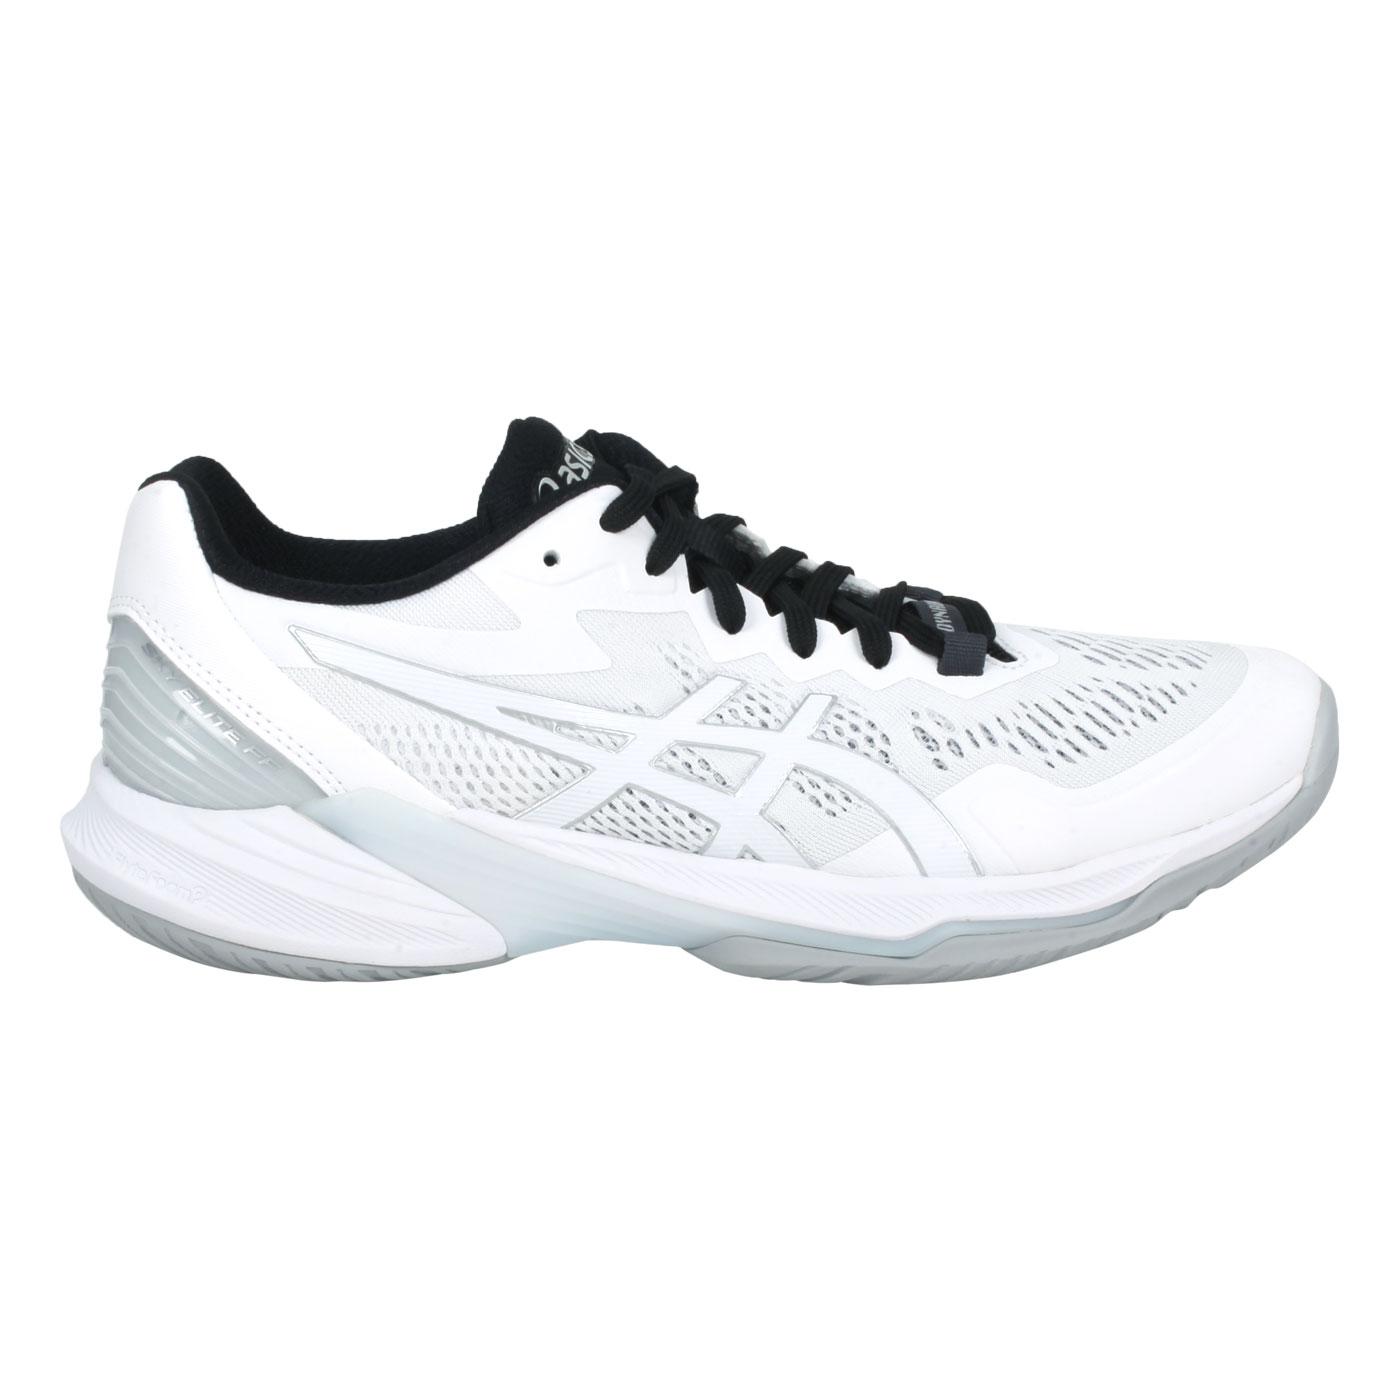 ASICS 特定-男款排羽球鞋  @SKY ELITE FF 2@1051A064-101 - 白銀黑